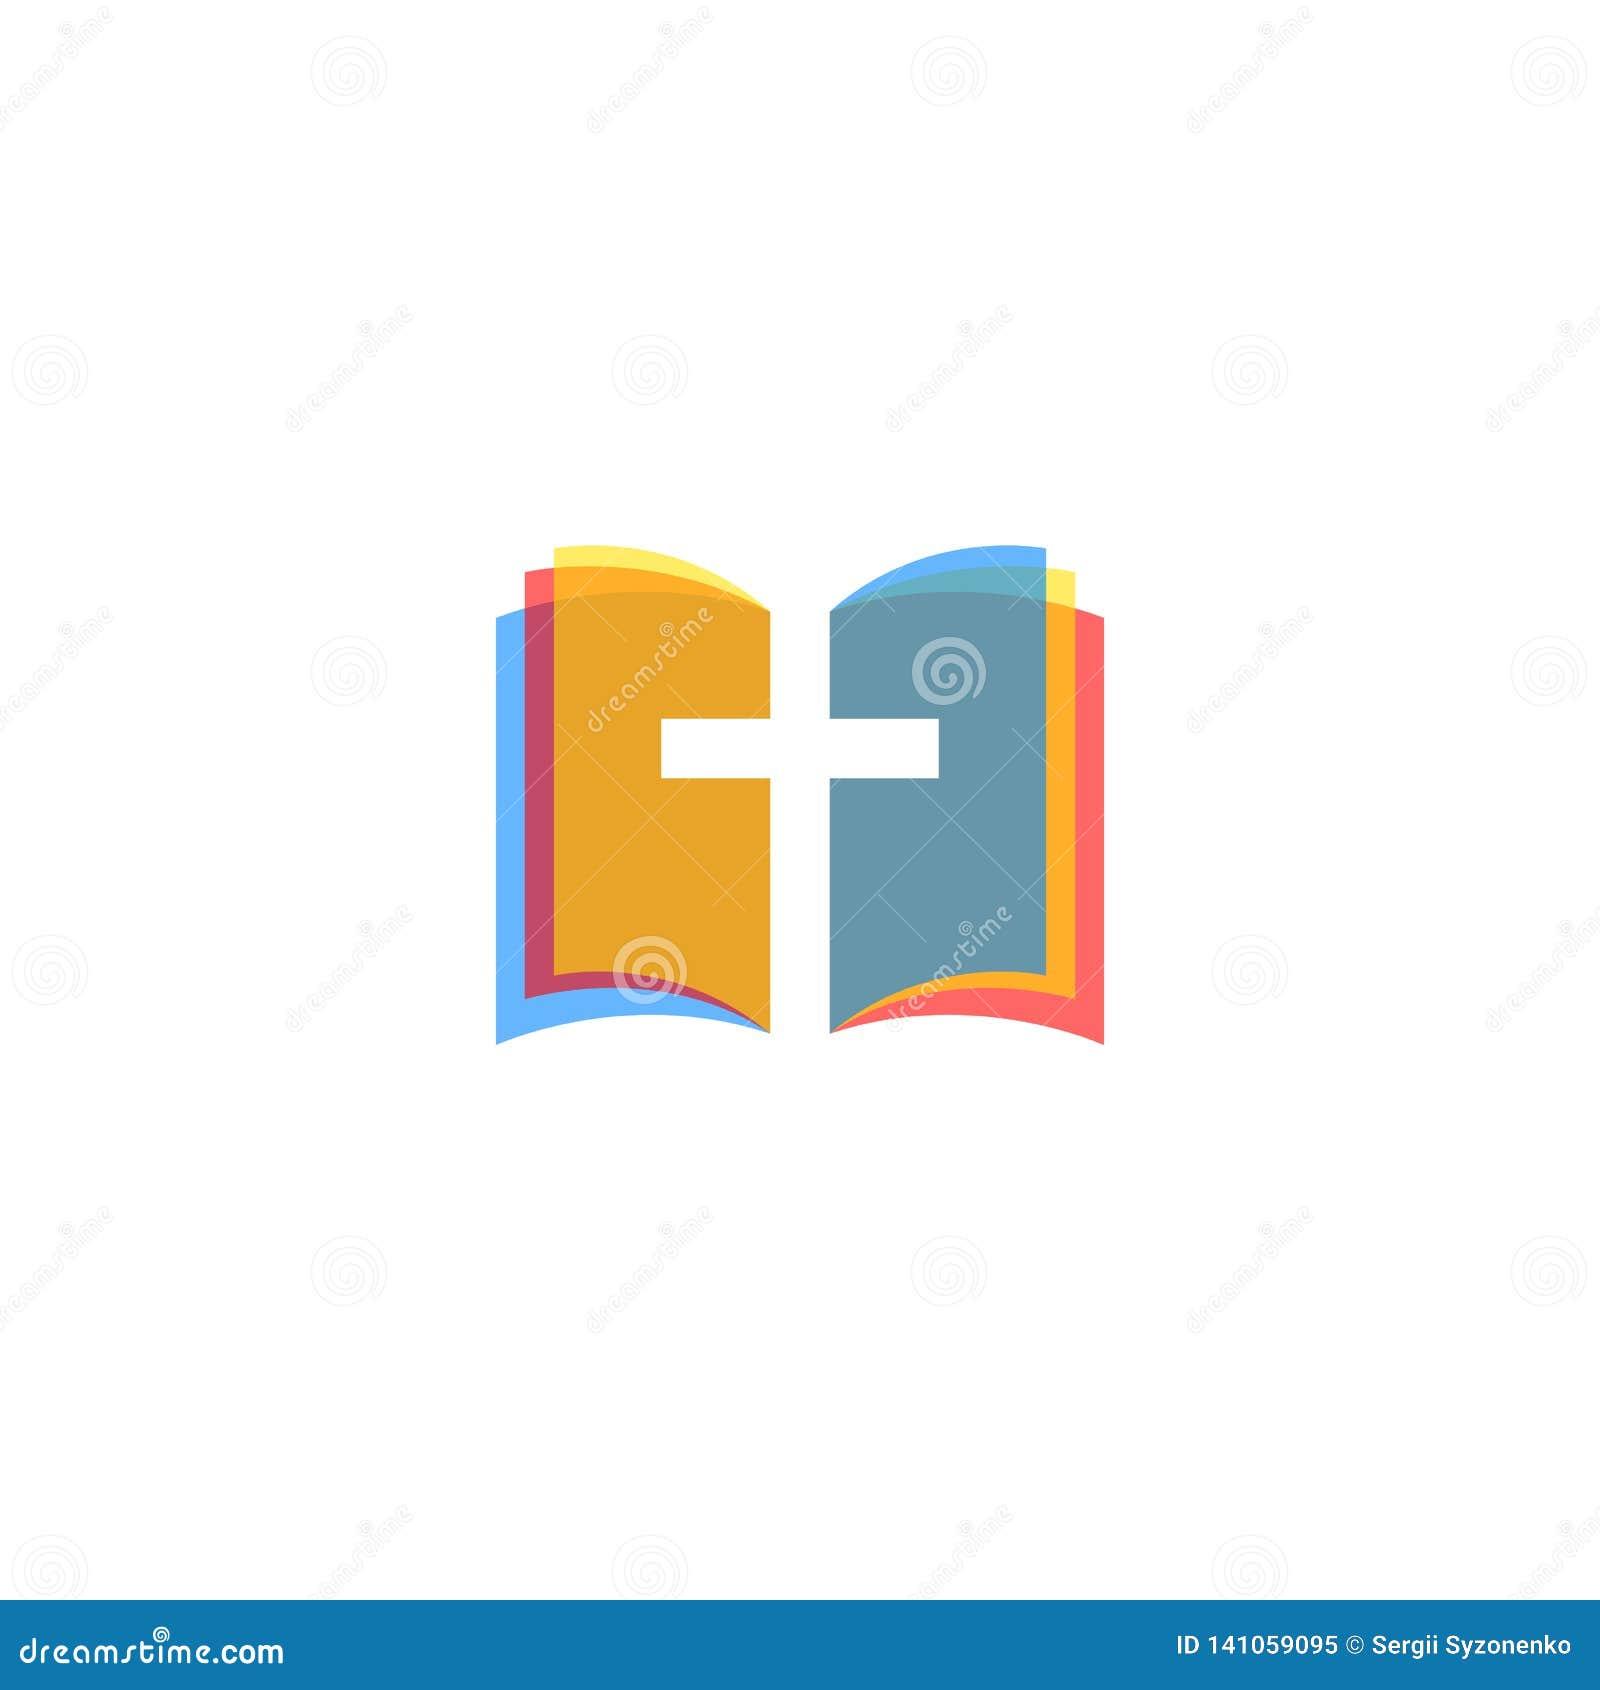 Świętej biblii ikony kolorowe strony, religia logo kościół, ewangelia symbolu mockup